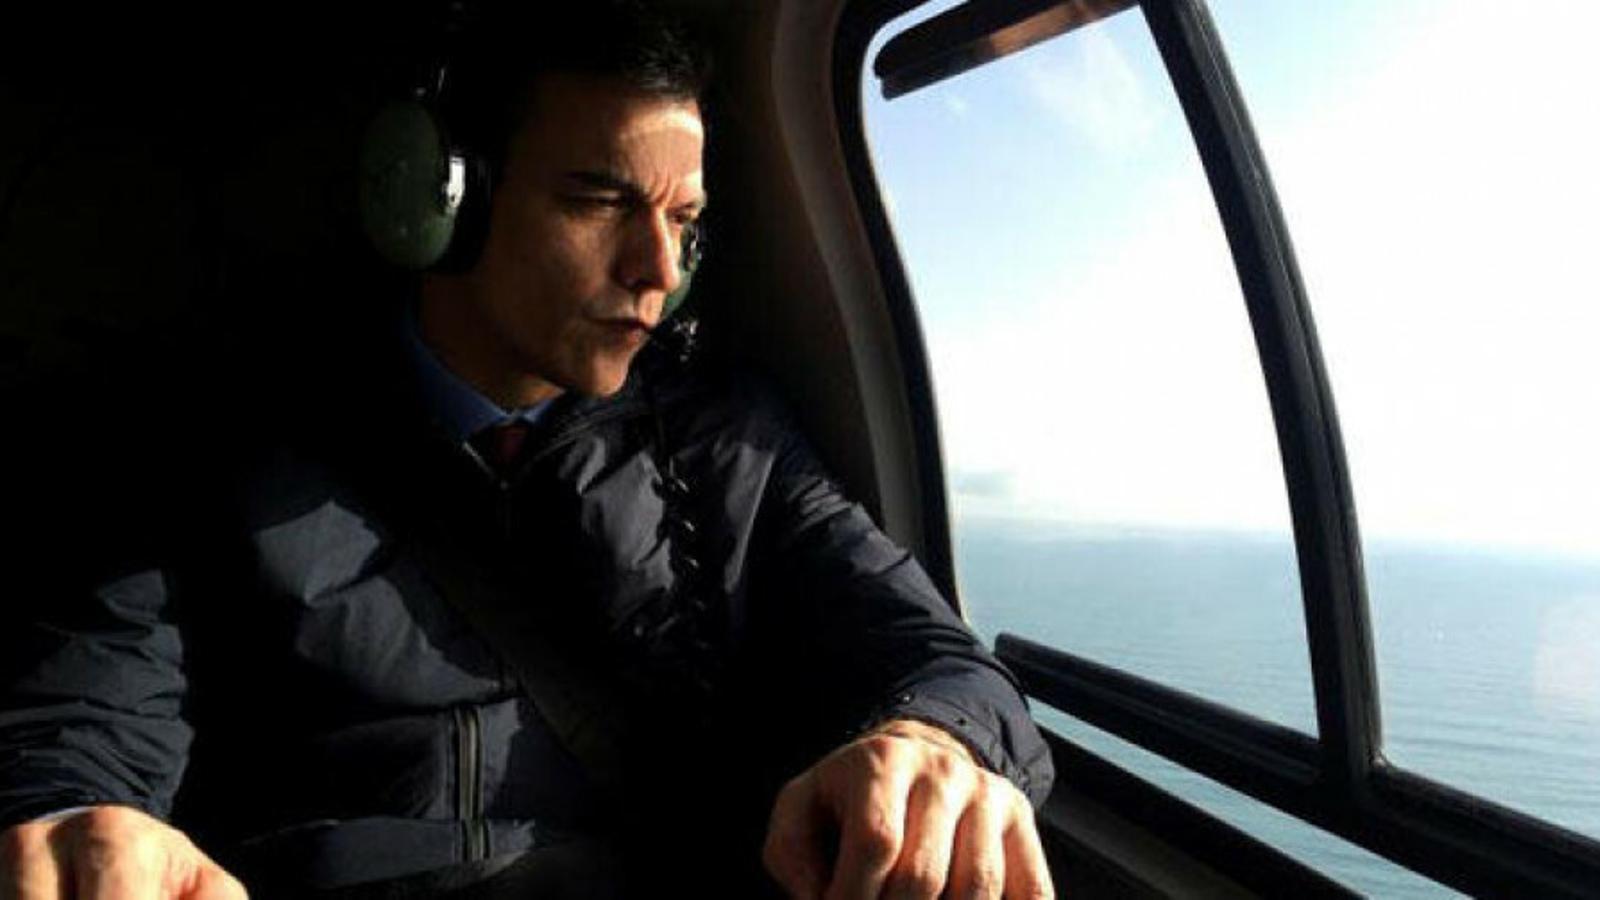 La visita de Sánchez a les Illes va deixar la Guàrdia Civil sense helicòpter per cercar els desapareguts